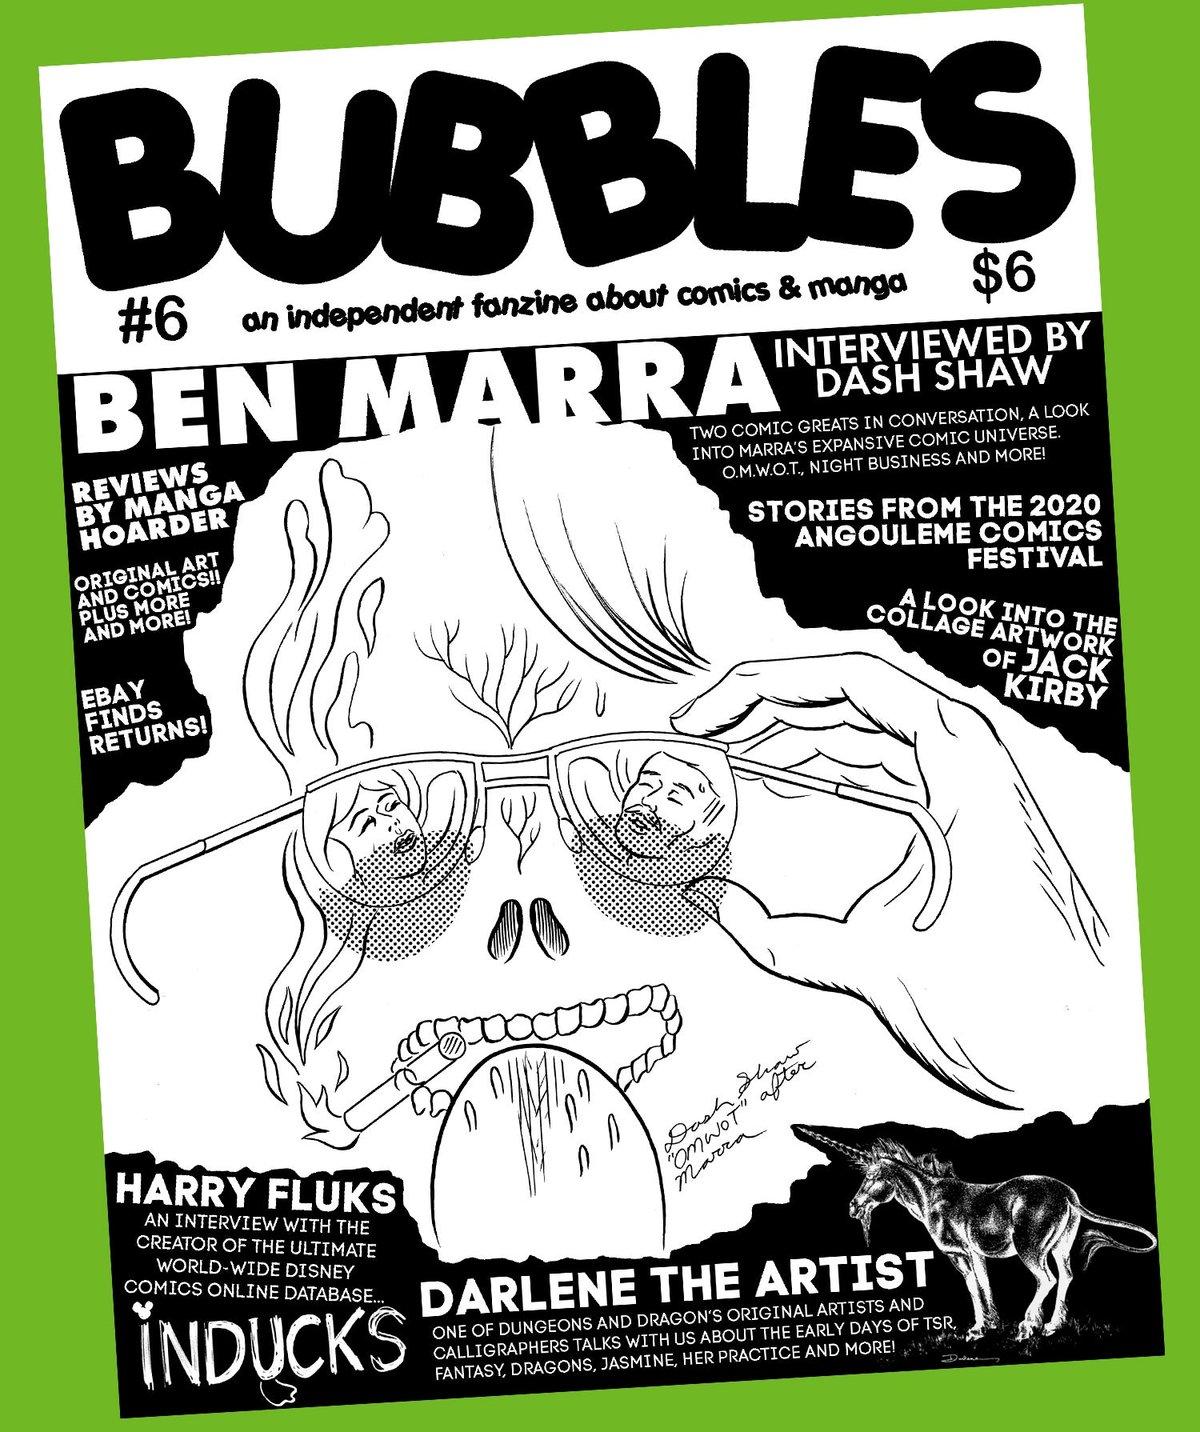 Image of Bubbles zine #6